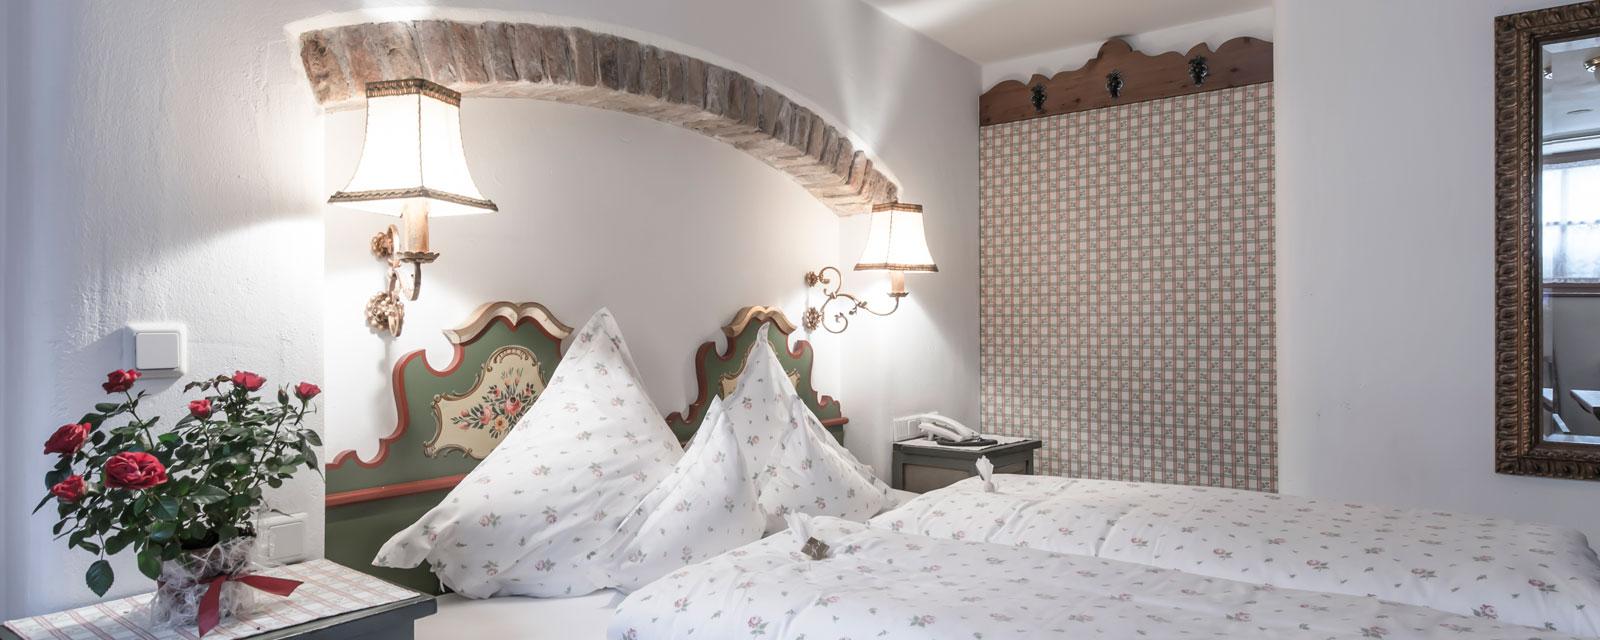 Nahaufnahme eines Doppelbetts im Bergschlössl